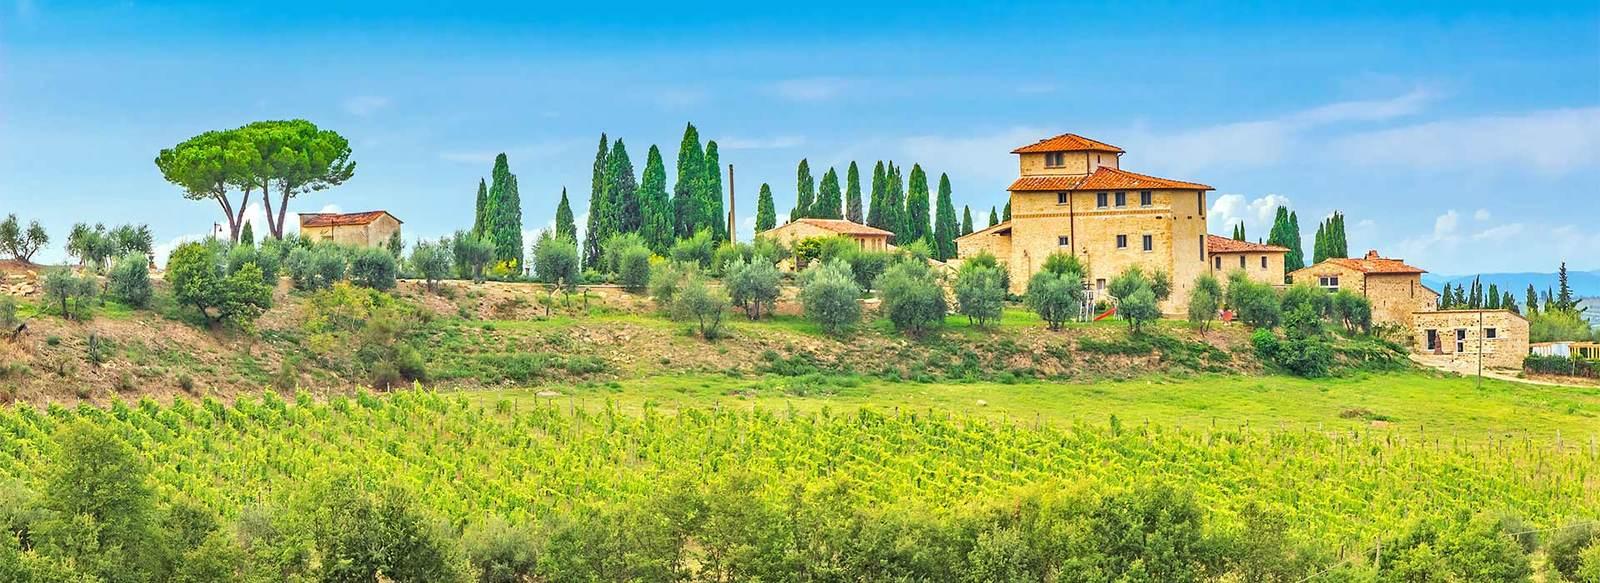 Tra le dolci colline del Chianti